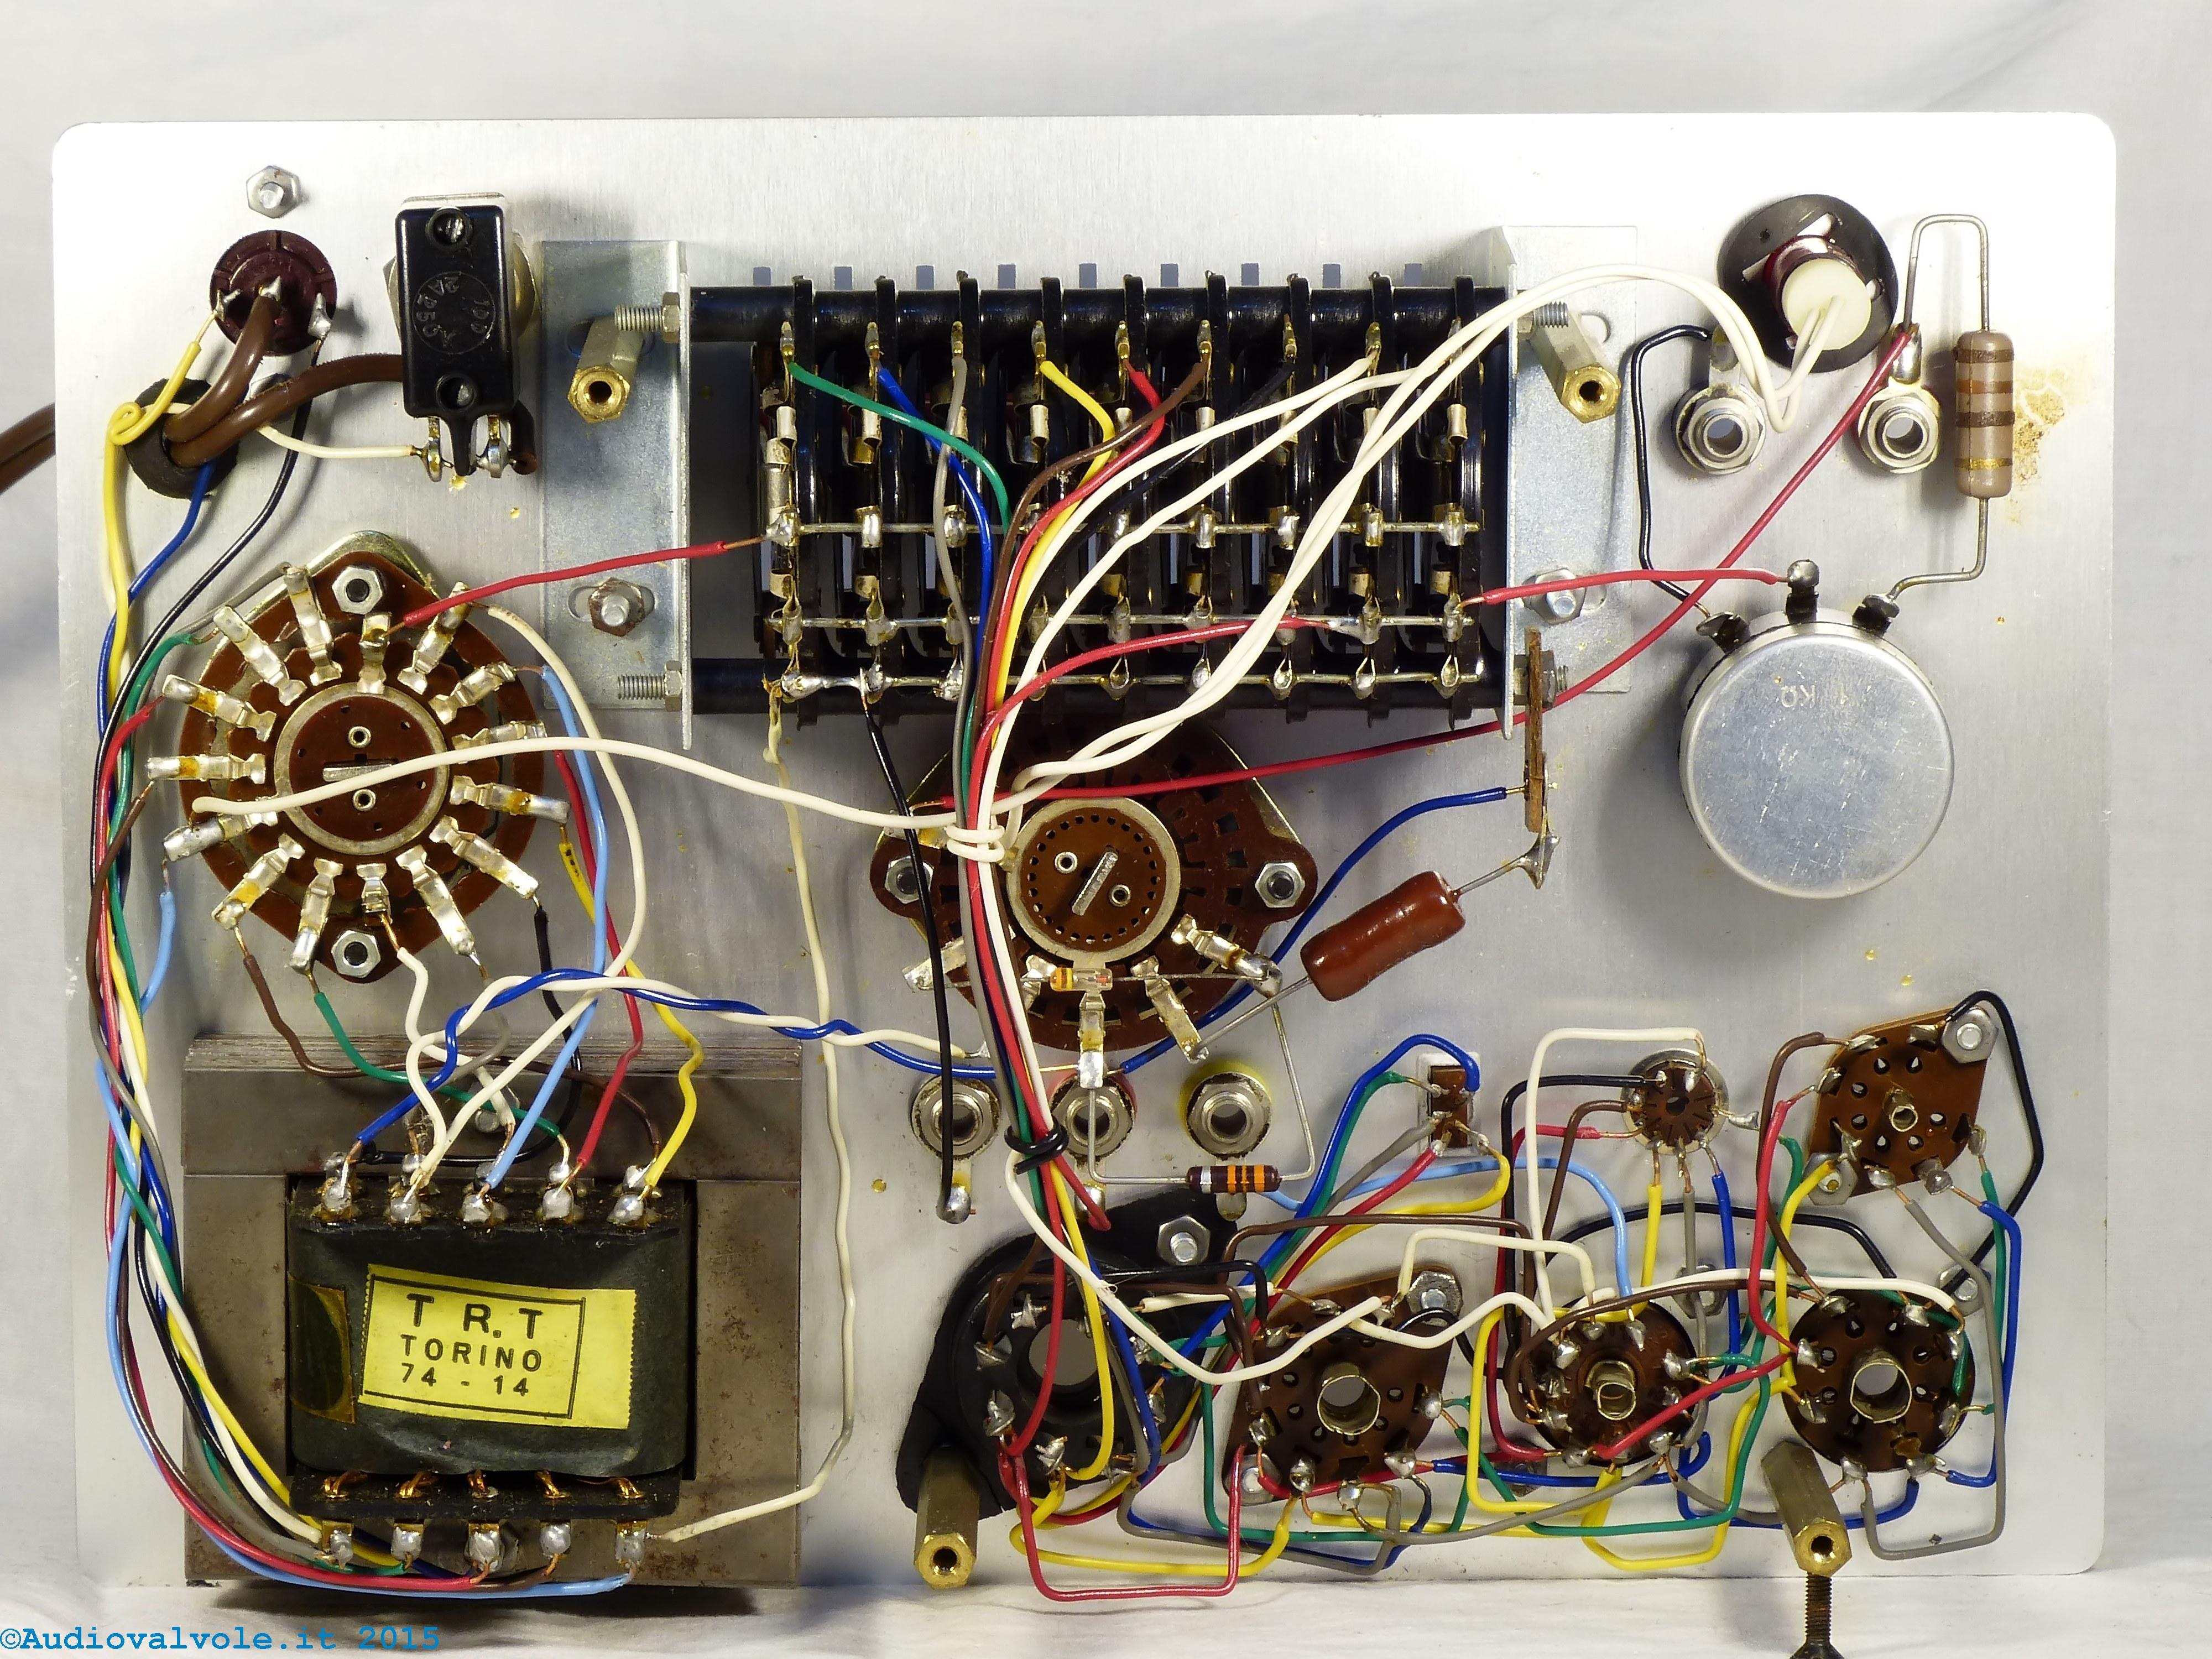 Schemi Elettrici Radio A Valvole : Prova valvole a levette scuola radio elettra torino